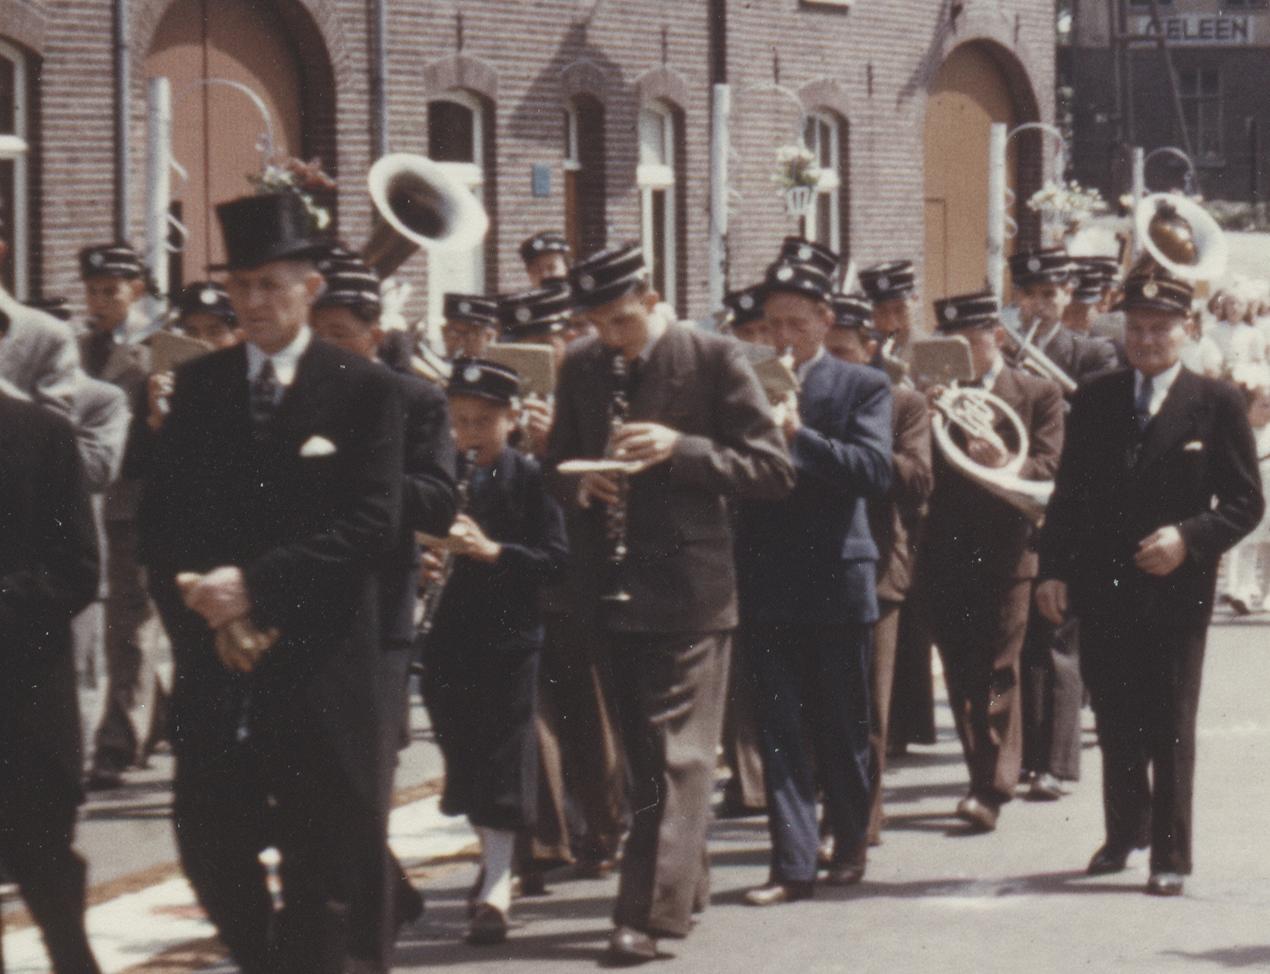 De harmonie tijdens de processie met de uniformpetten